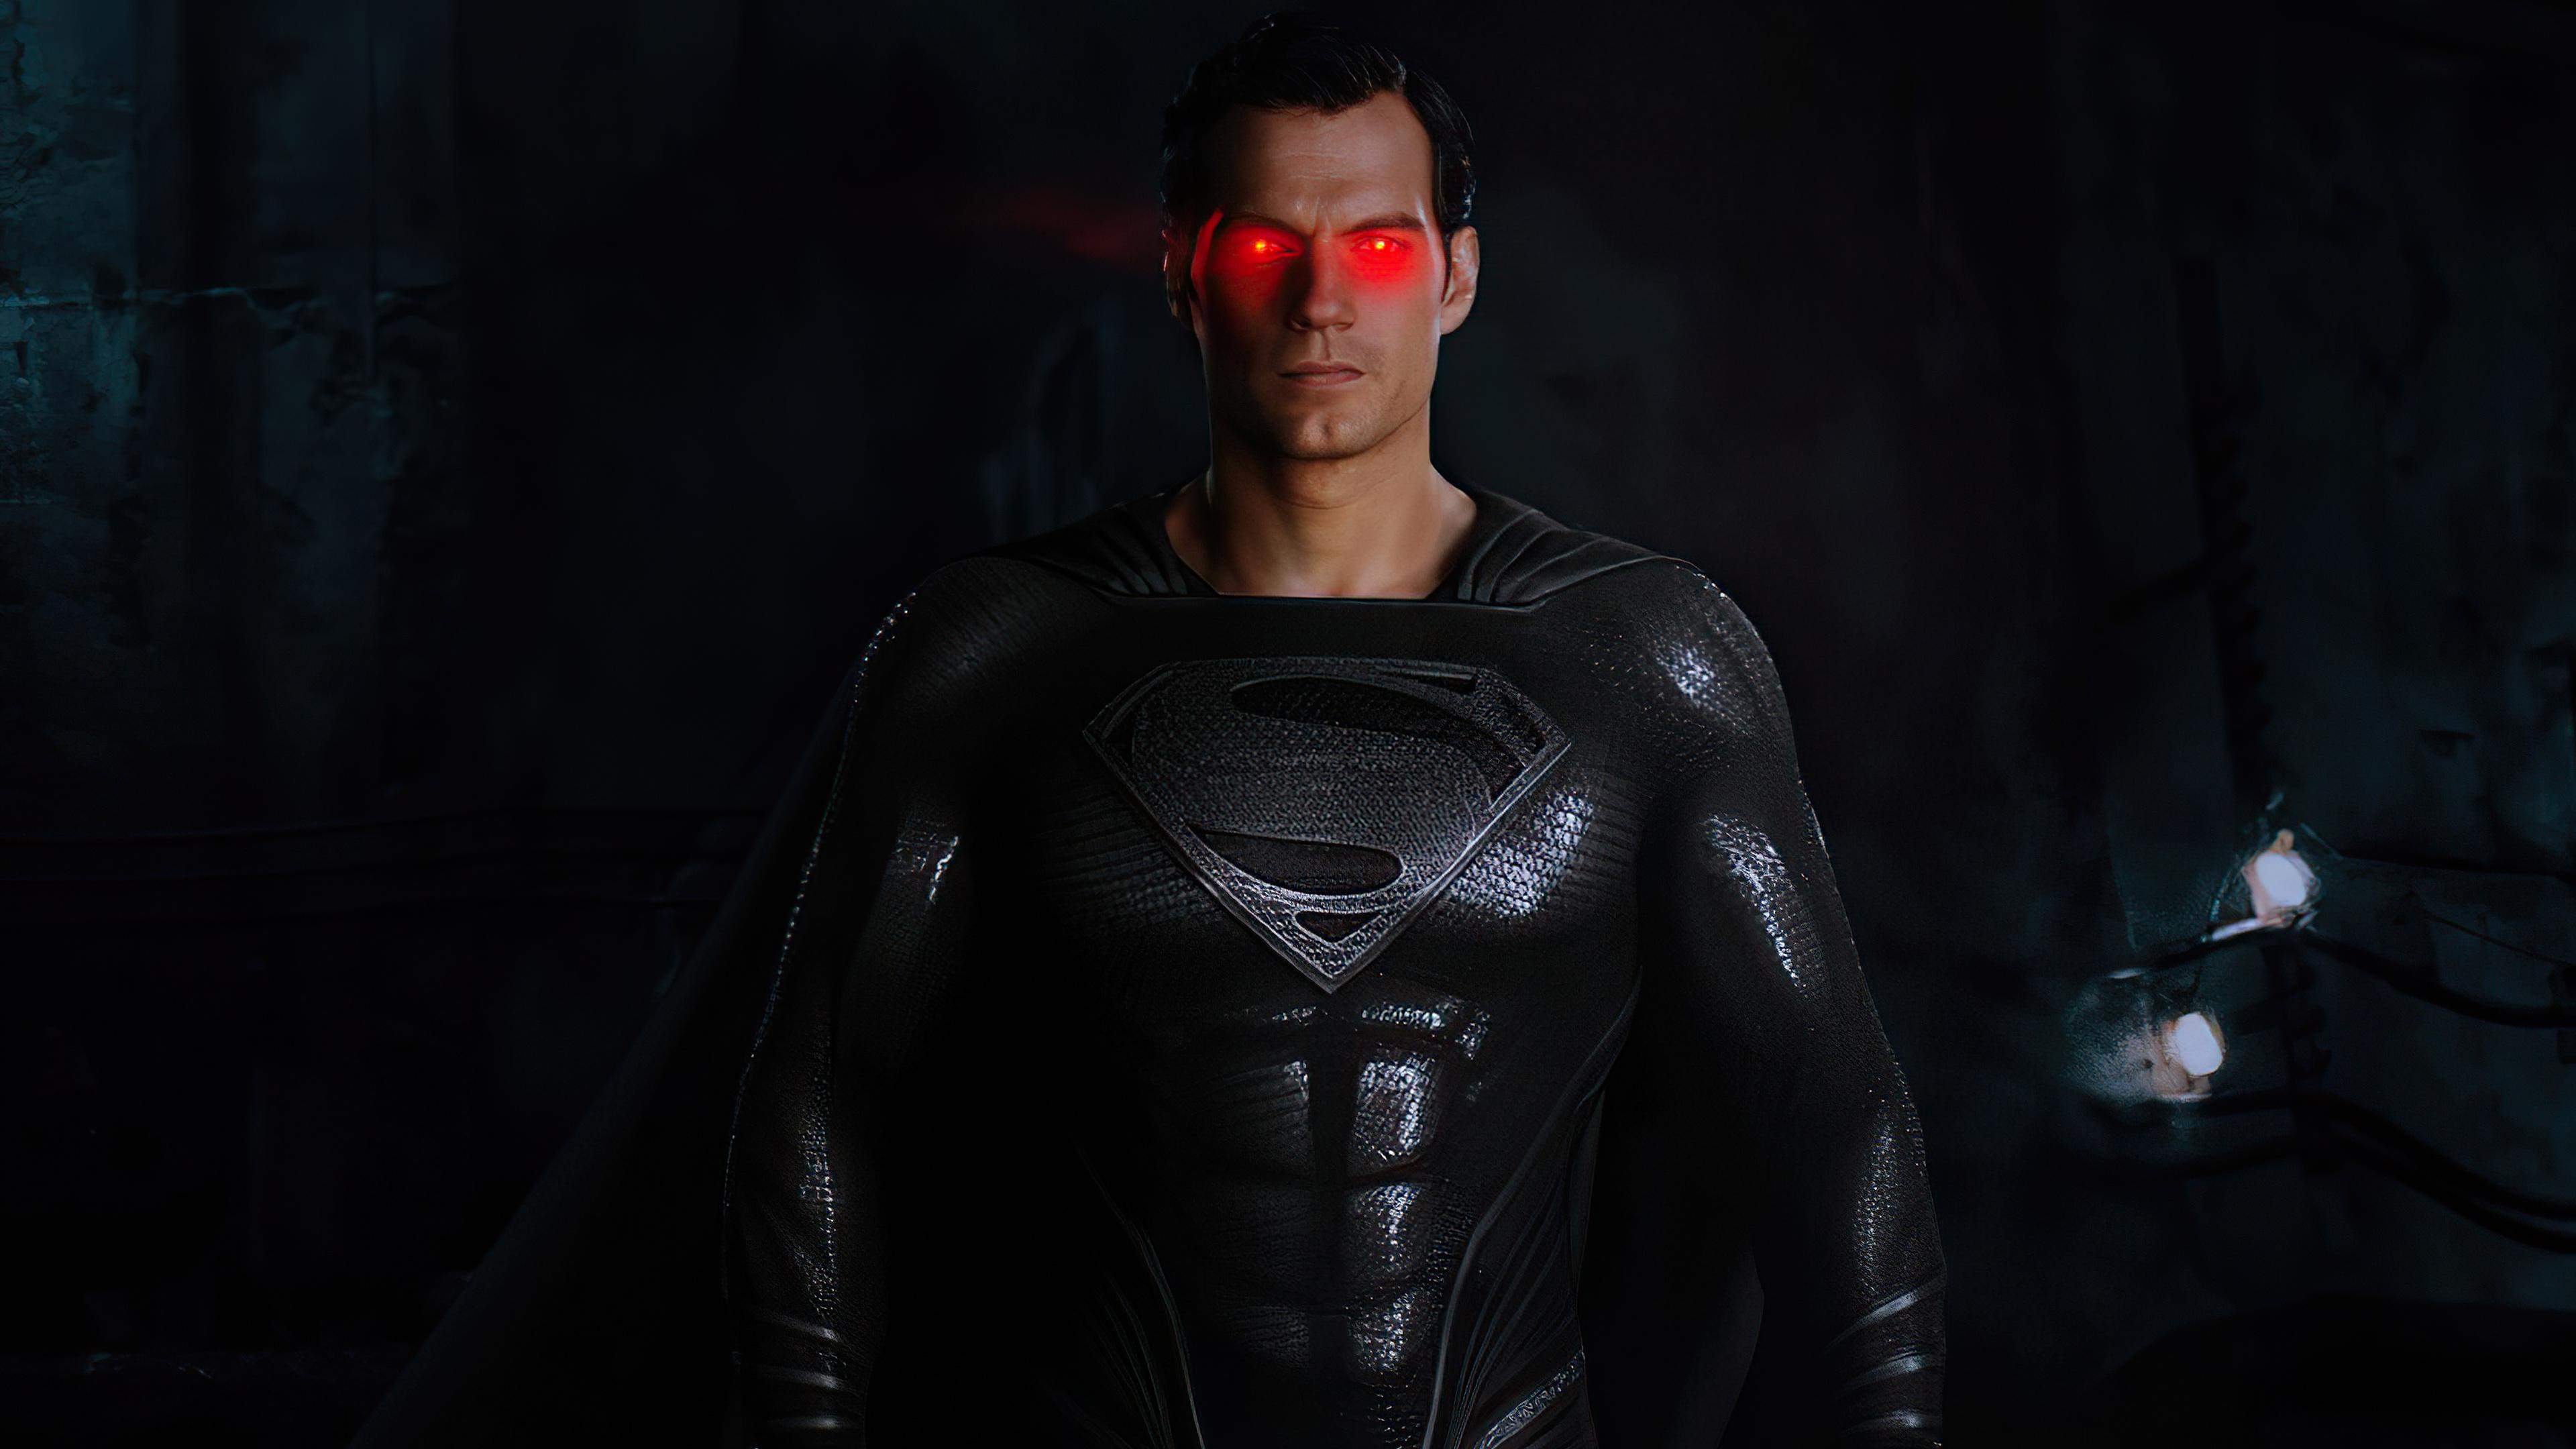 black suit superman red glowing eyes 4k 1618165476 - Black Suit Superman Red Glowing Eyes 4k - Black Suit Superman Red Glowing Eyes 4k wallpapers